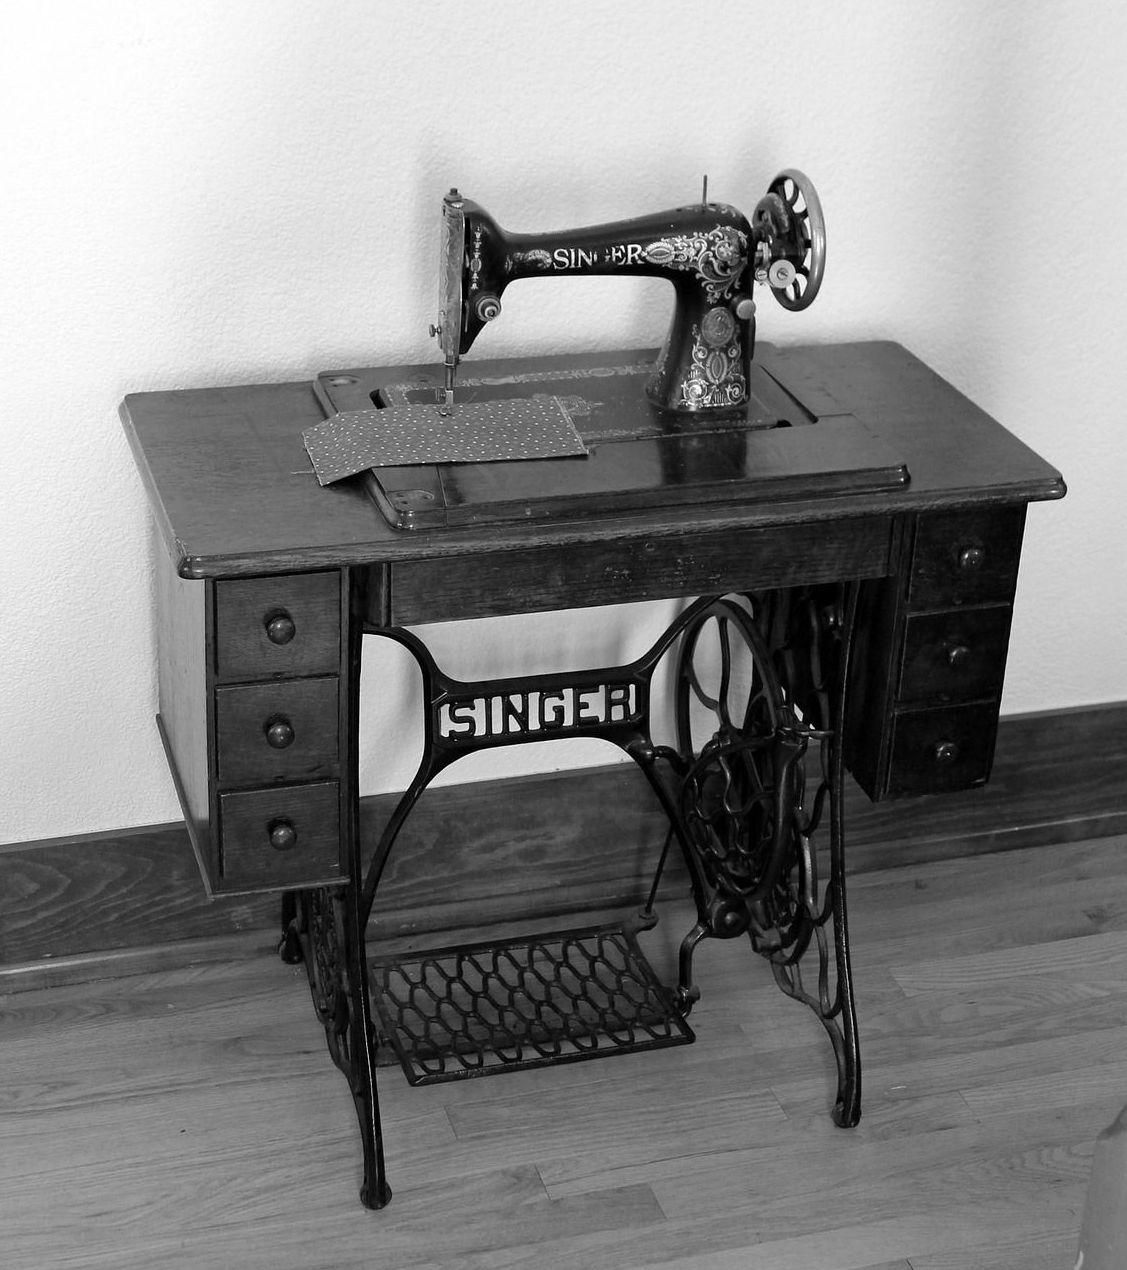 Reparación de máquinas de coser de las principales marcas en Vigo